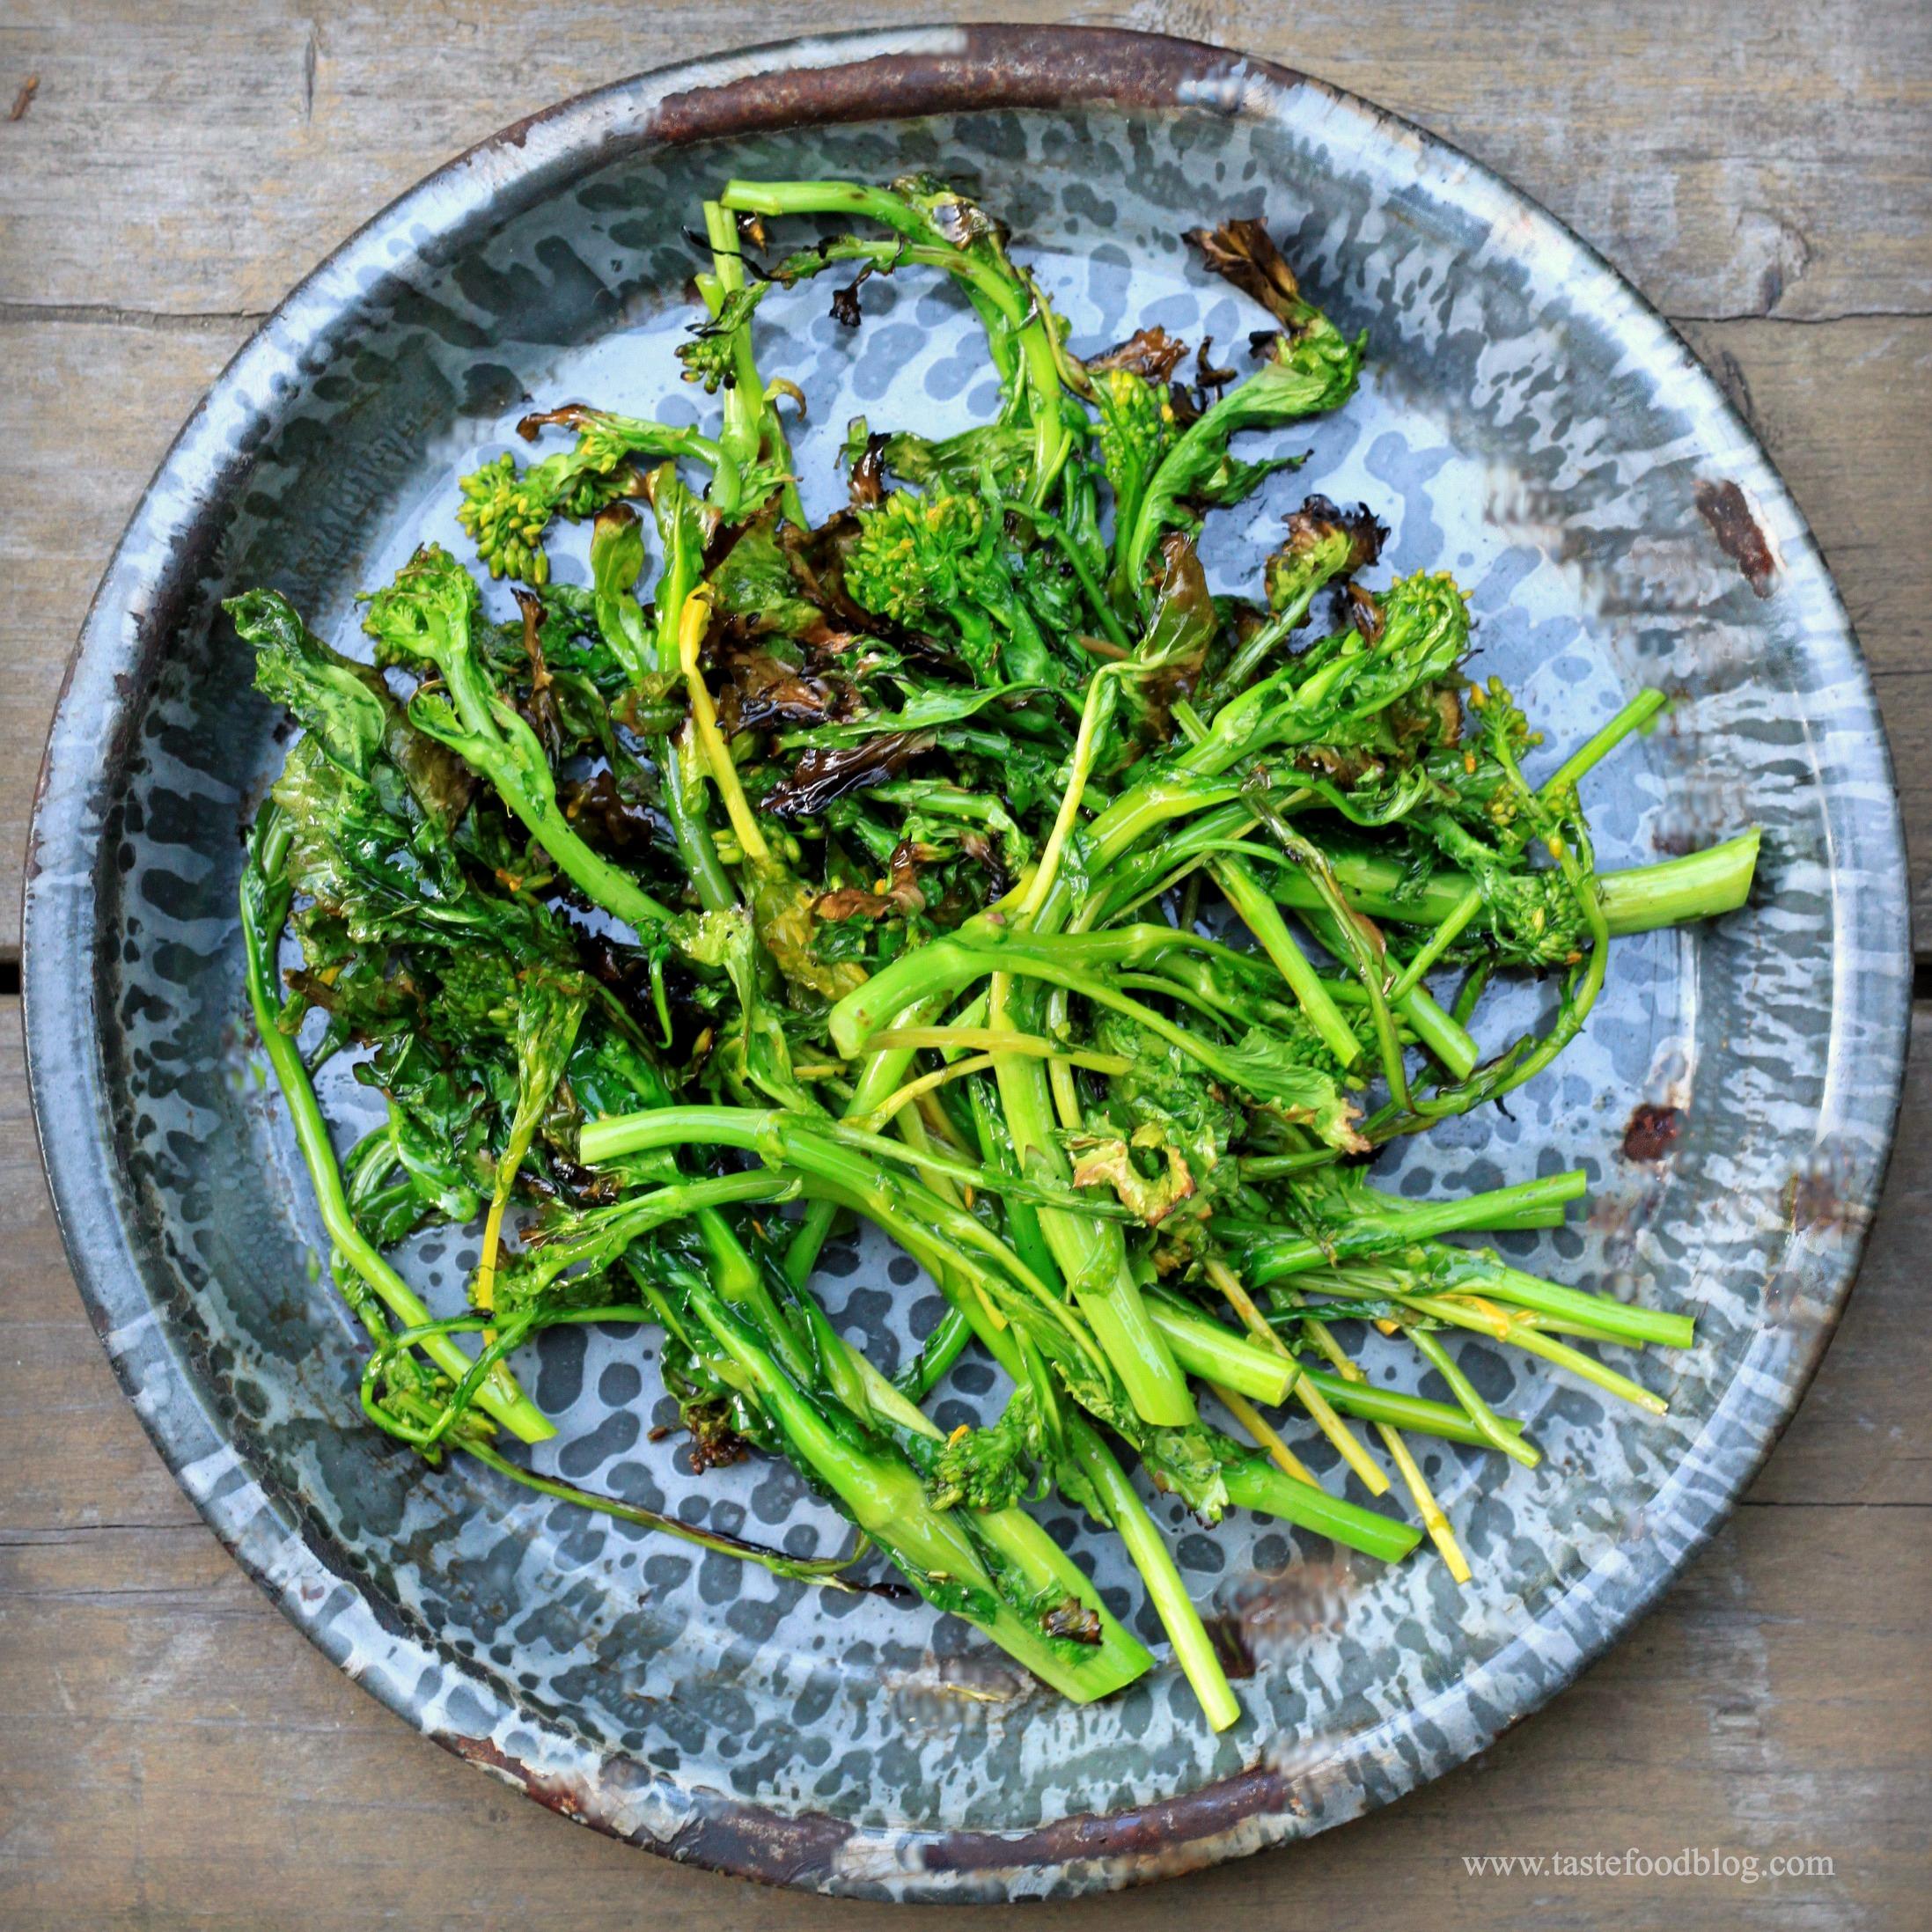 broccoli-rabe-tastefood.jpg